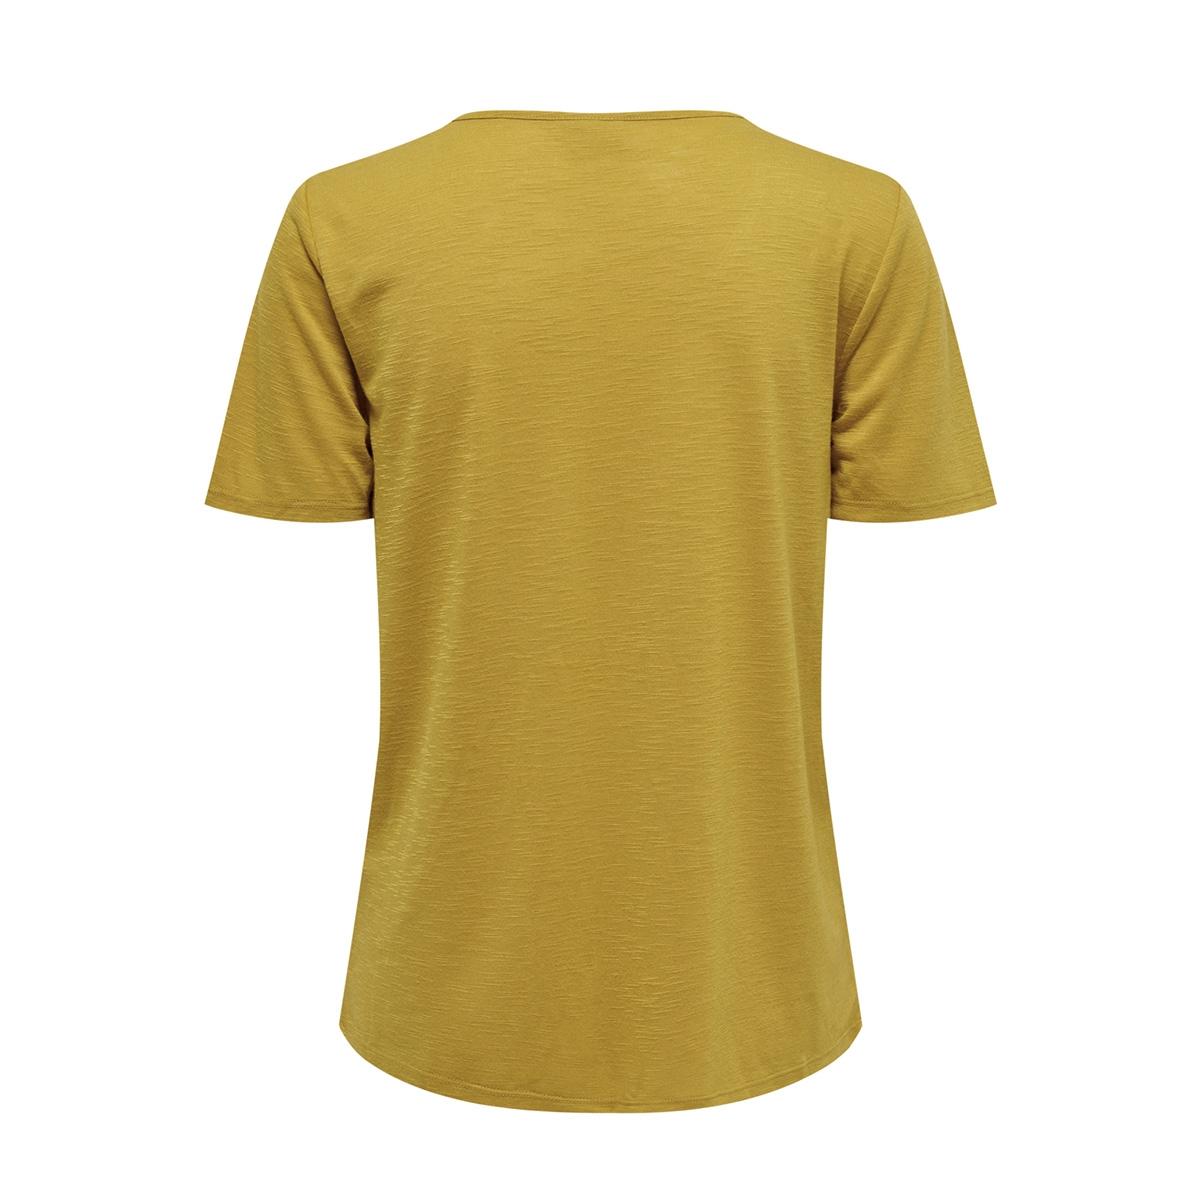 jdydodo s/s top jrs 15154568 jacqueline de yong t-shirt tawny olive/dtm croche